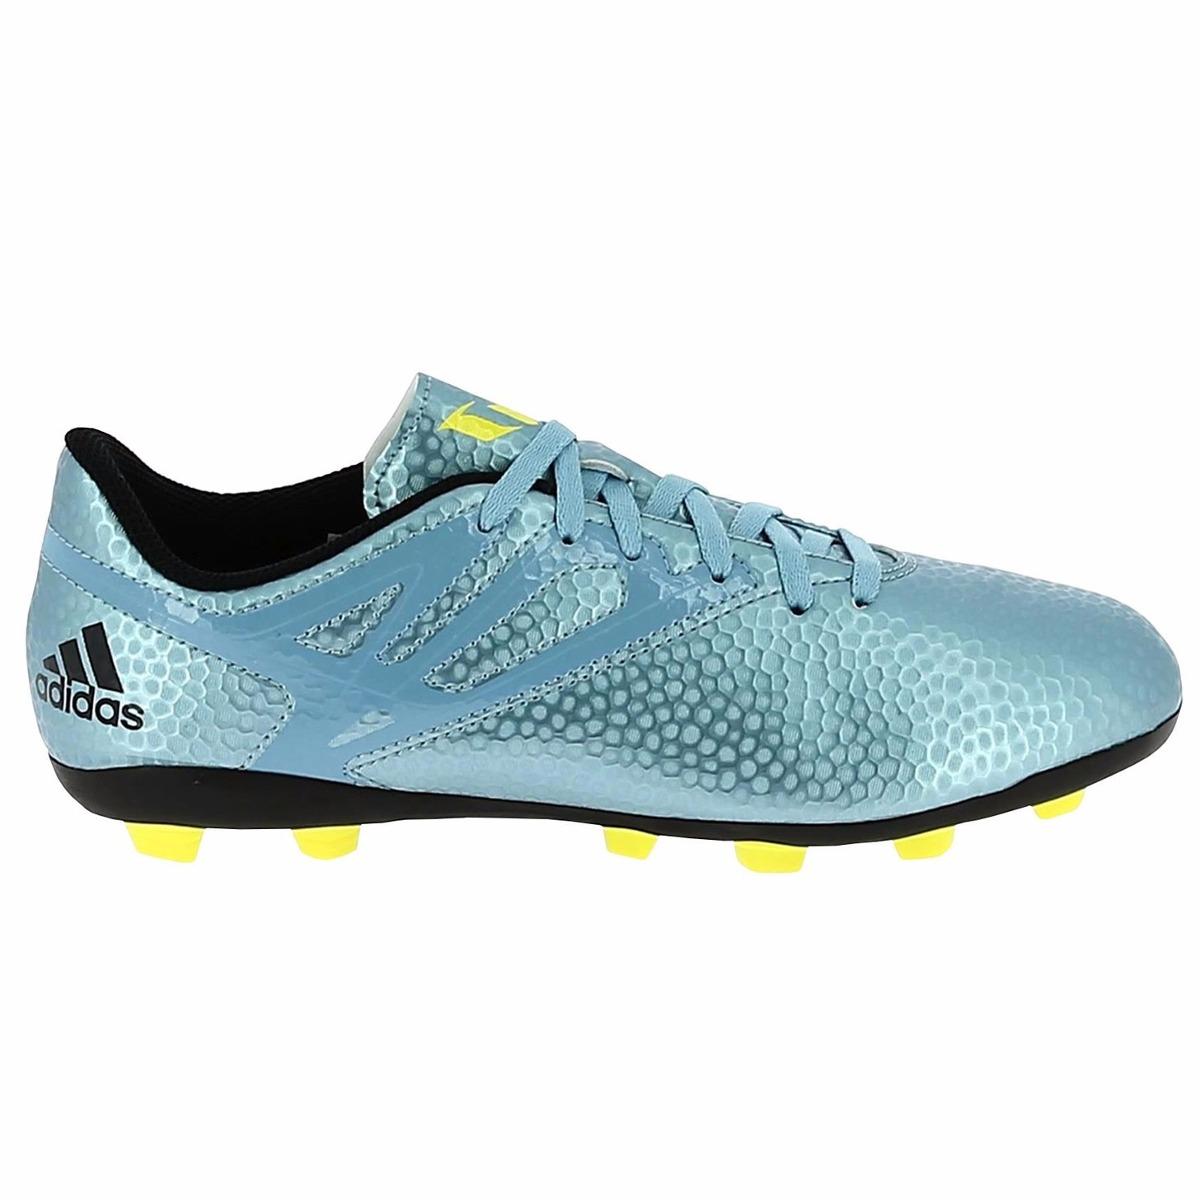 B26956 Zapatos Futbol 15 Fxg Para Soccer Messi Adidas 4 Niño ZiOukXP